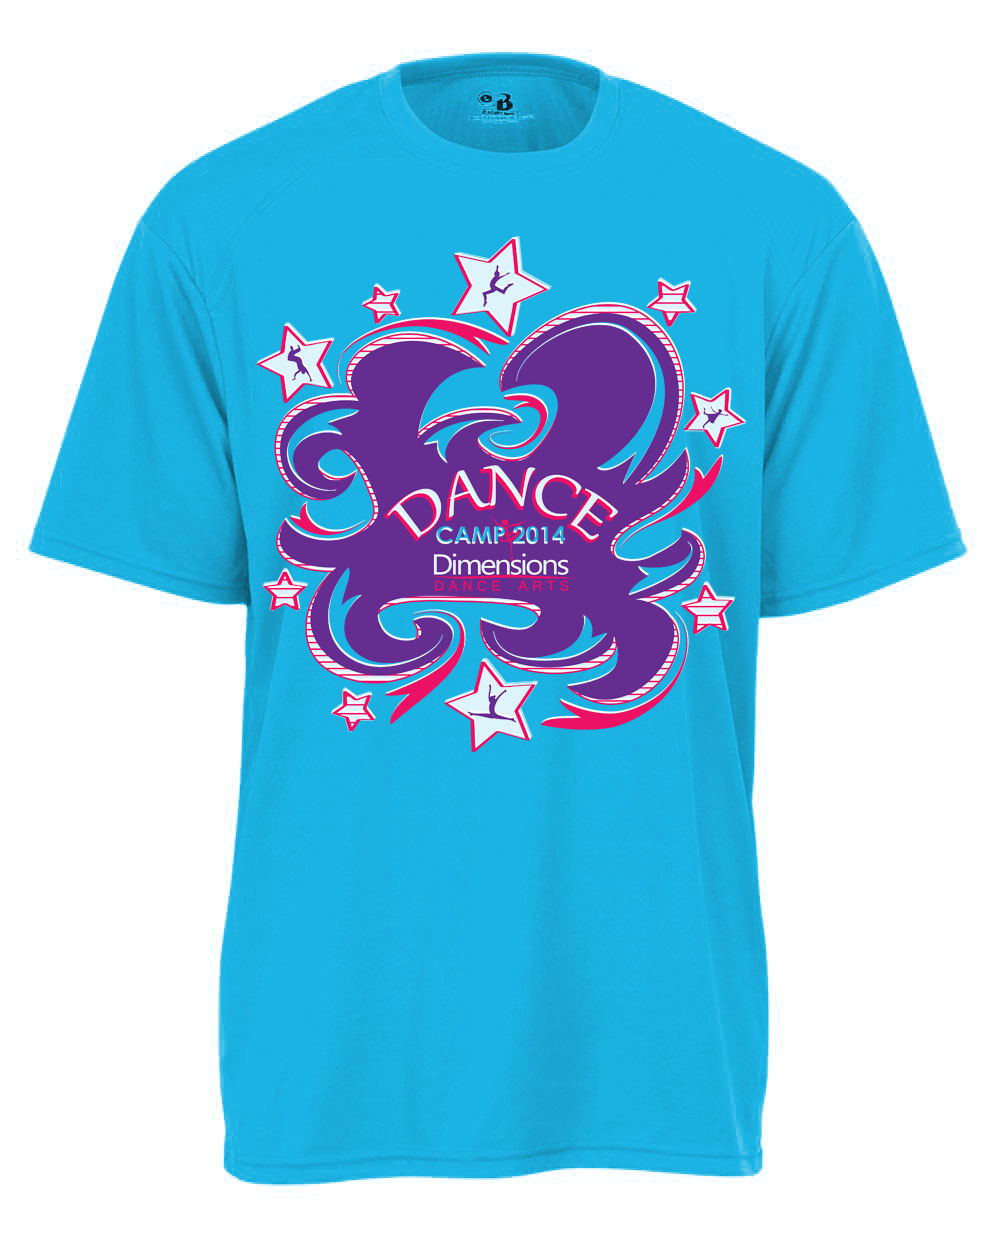 Dance Camp T Shirt Design 2014 On Behance